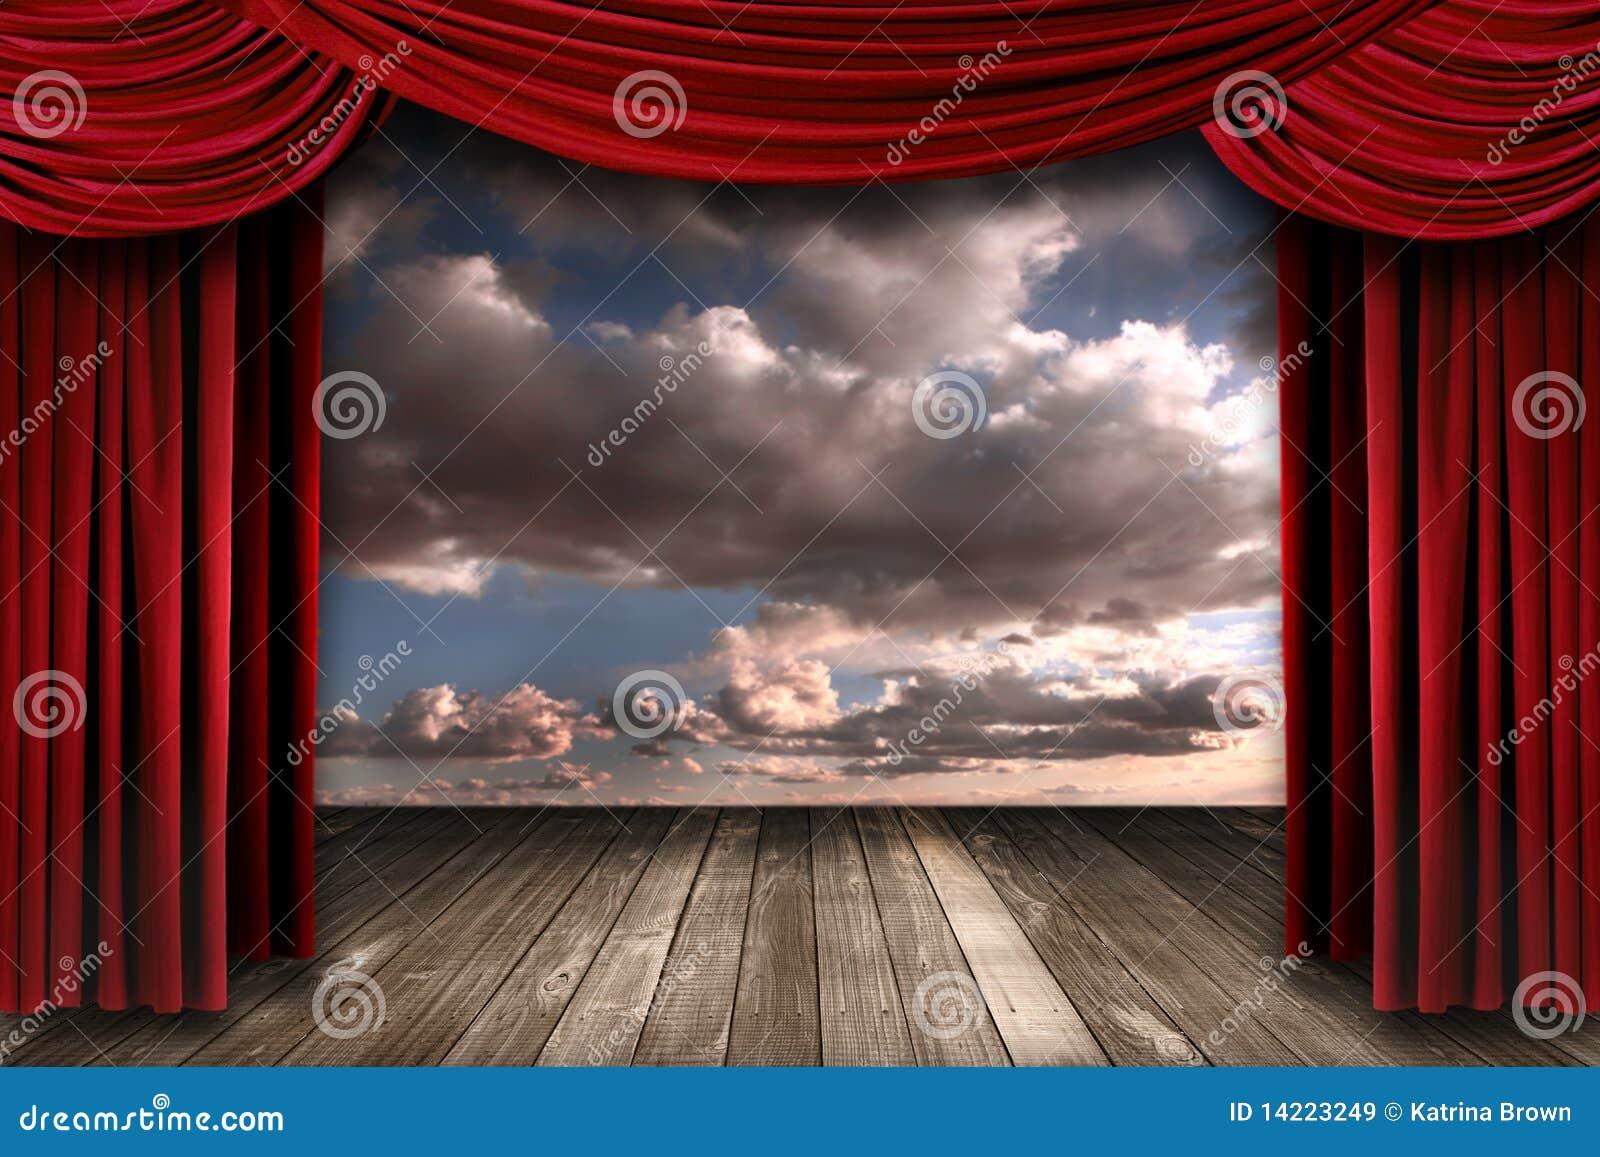 Cu salowego perormance czerwony sceny teatru aksamit